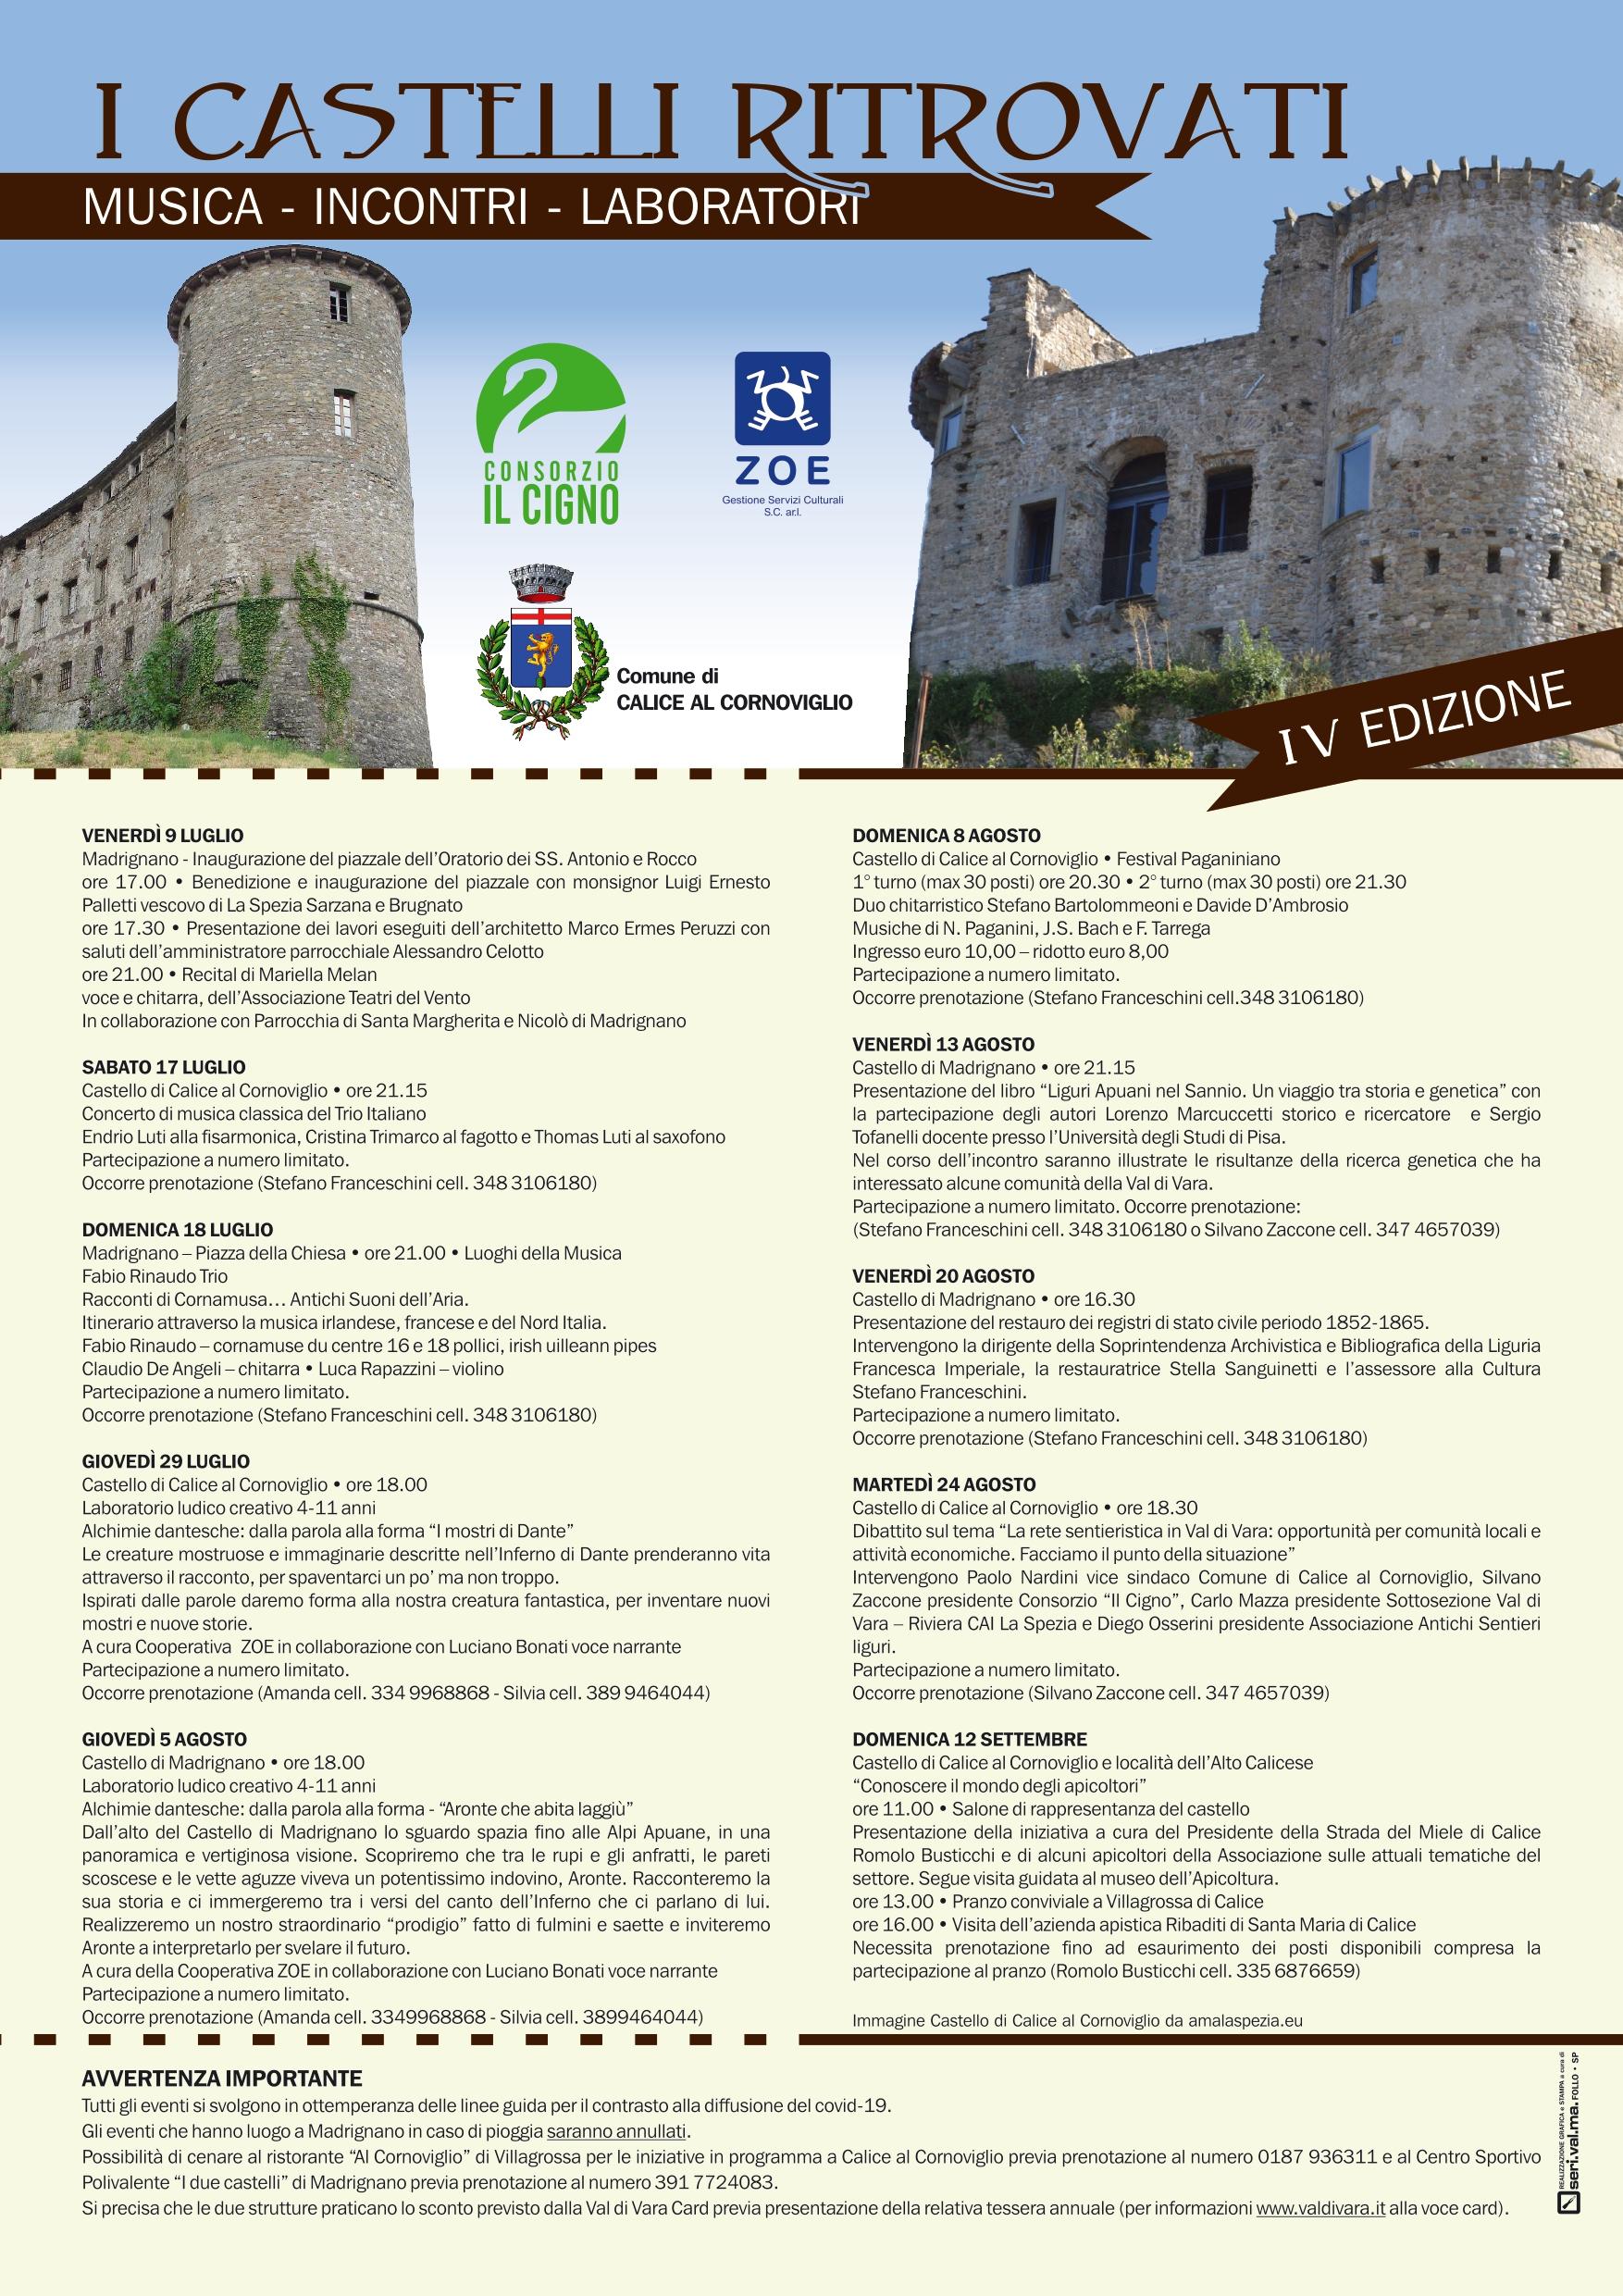 Locandina eventi Castelli ritrovati IV edizione